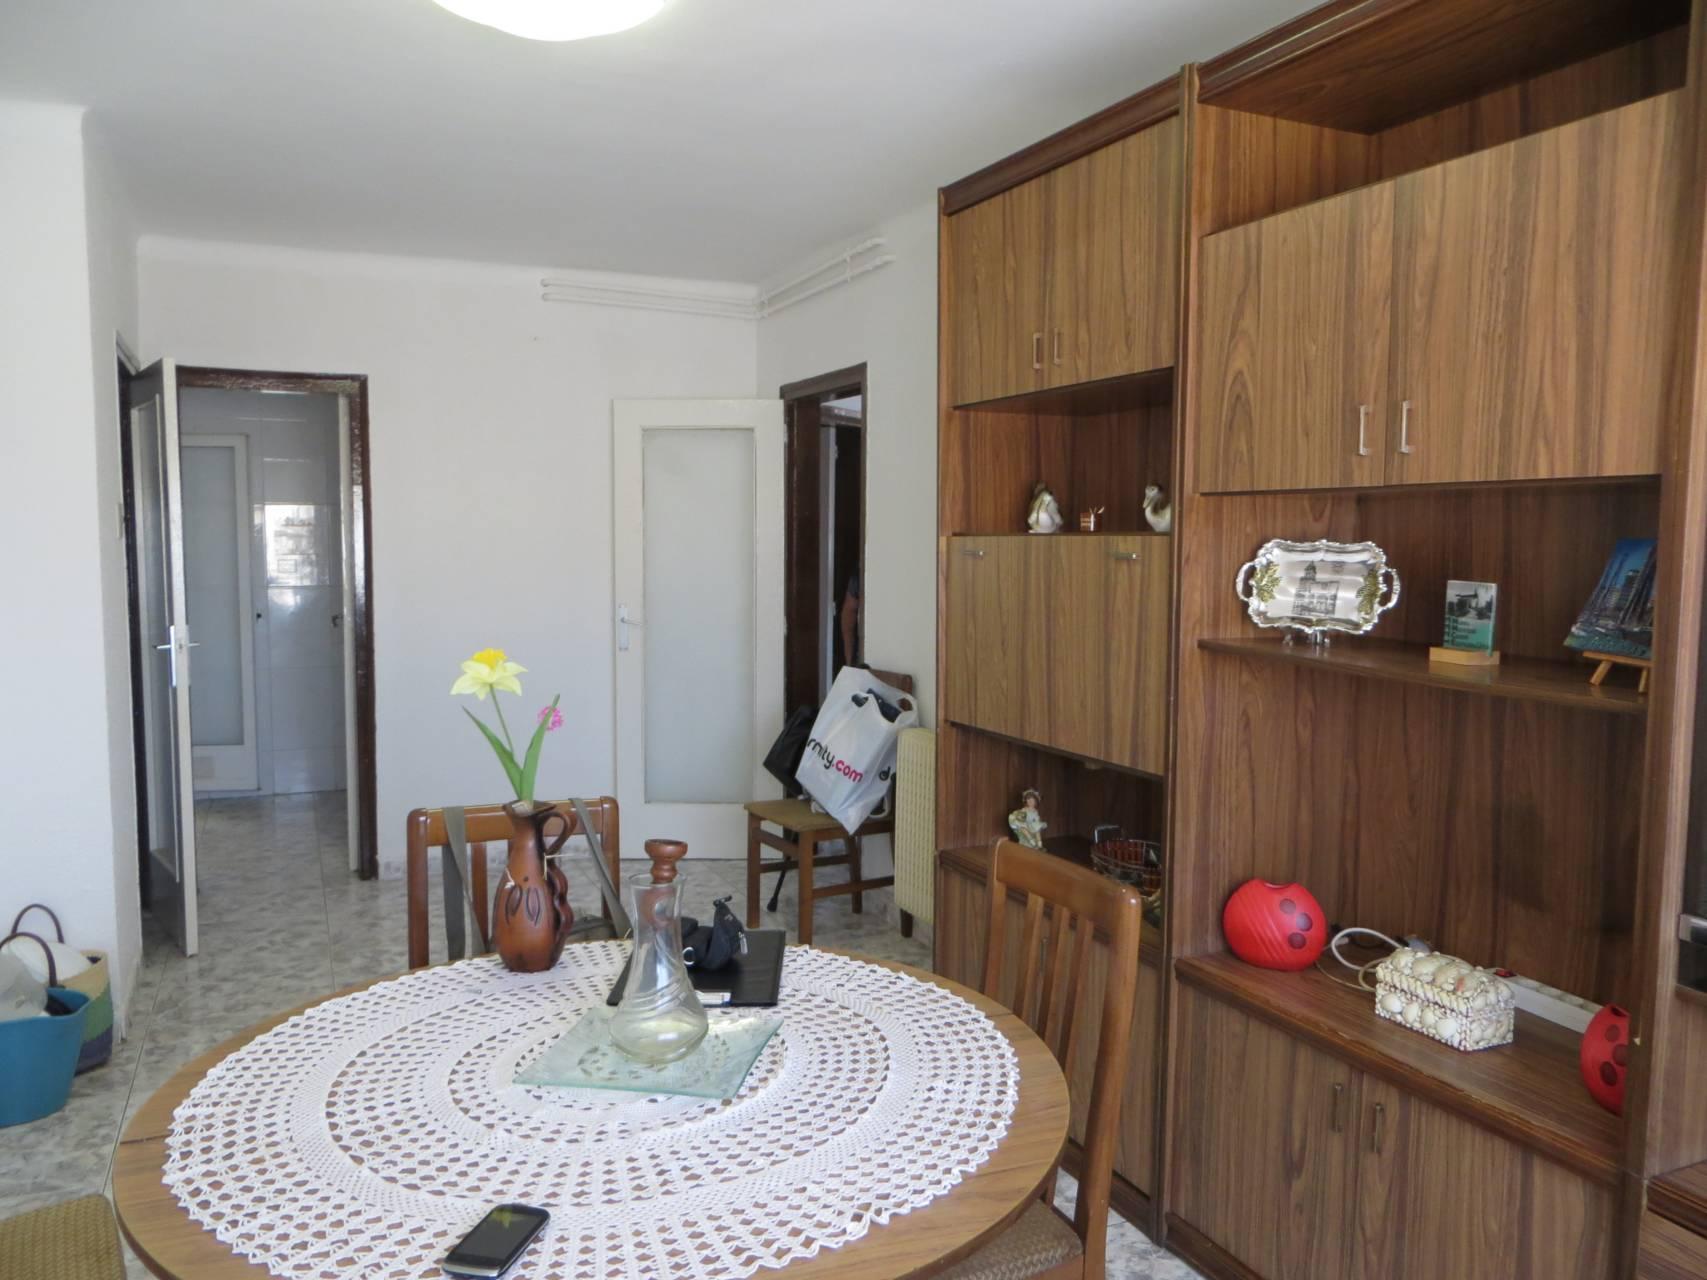 Piso  Norte. Sup. 65 m²,  3 habitaciones (2 dobles,  1 ind.),  1 baño, cocina